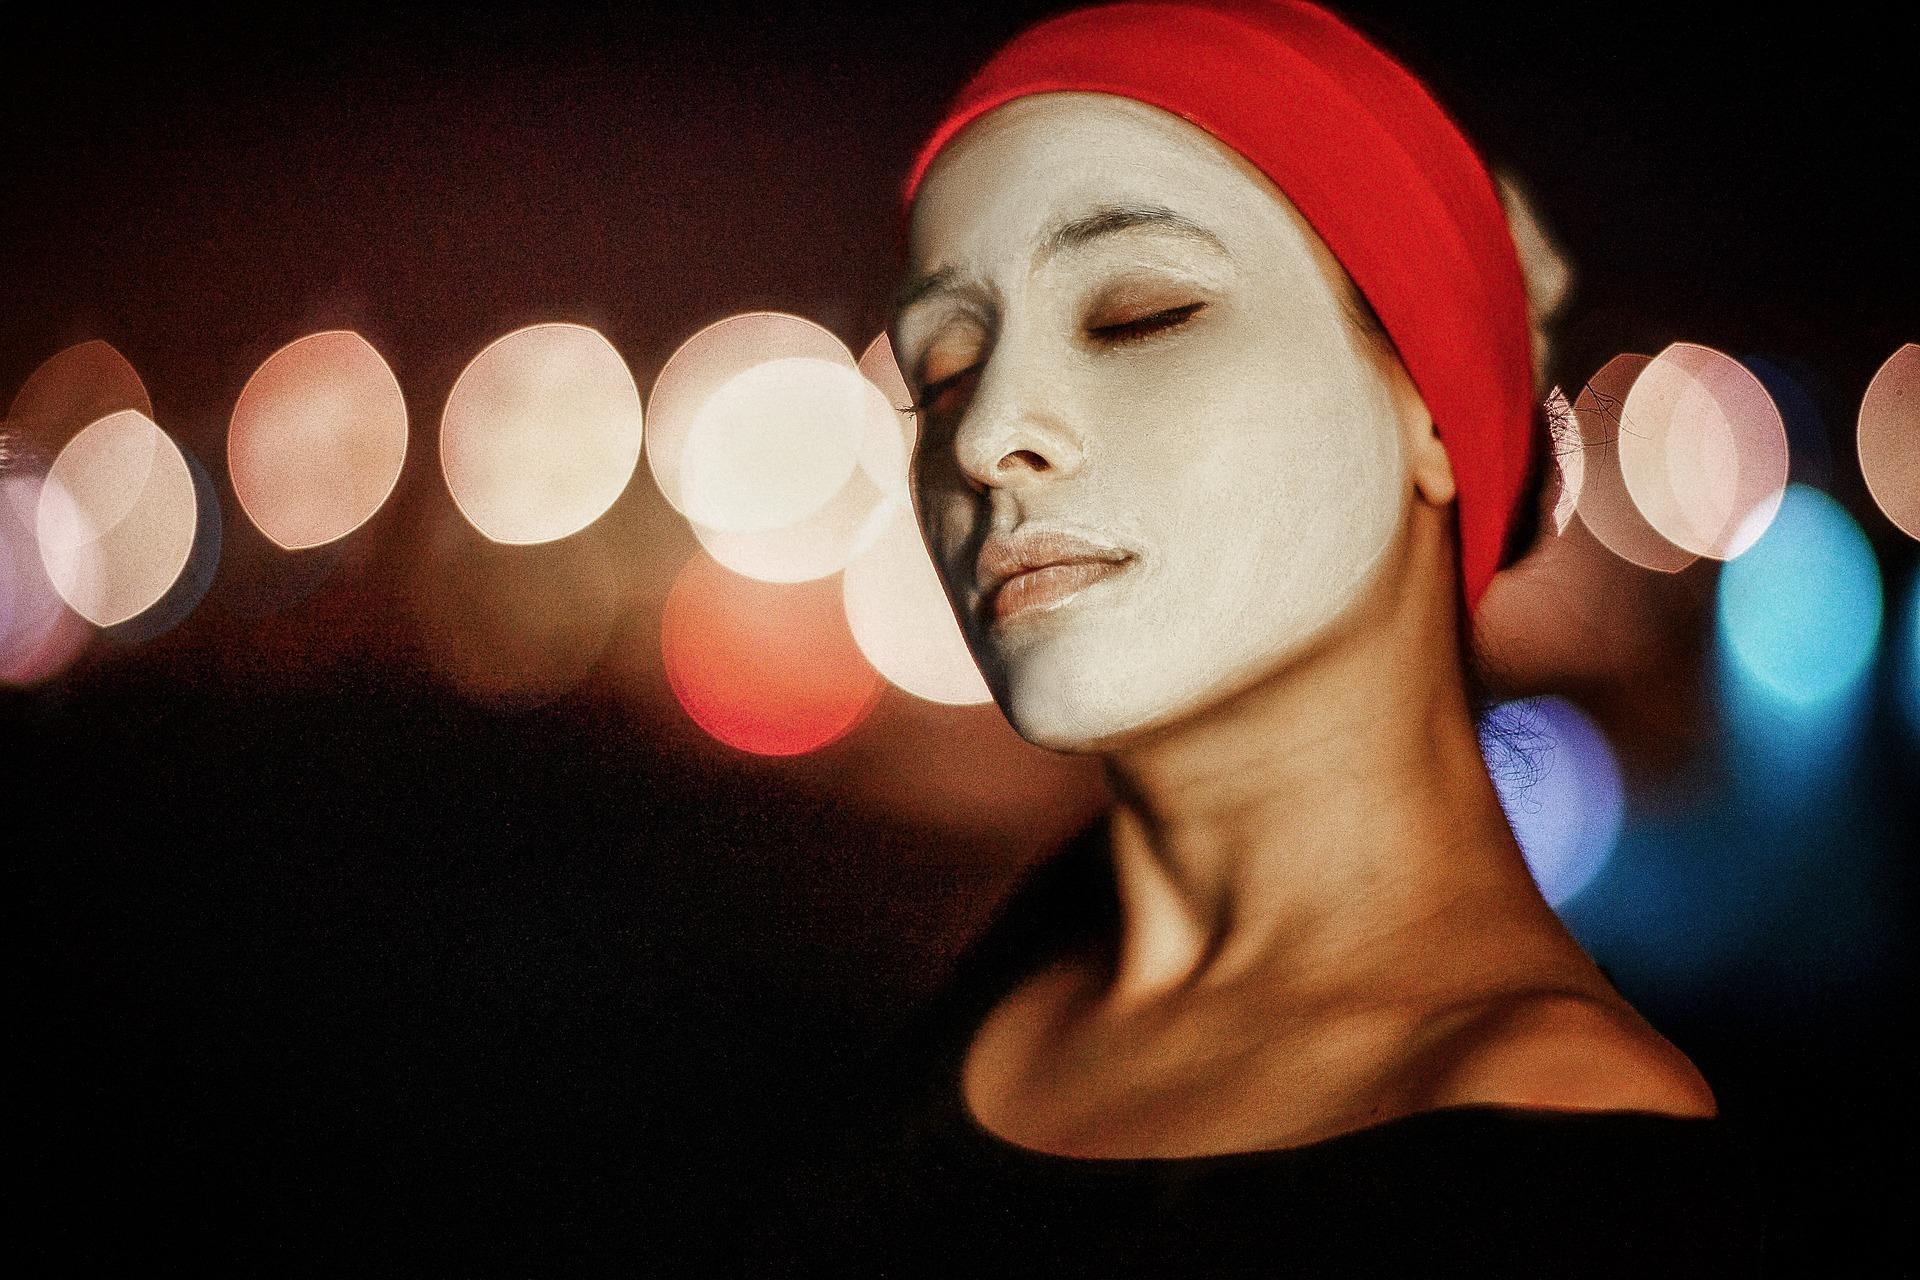 Le_meilleur_masque_de_sommeil_pour_peau_sèche_change_la_donne_par_temps_froid